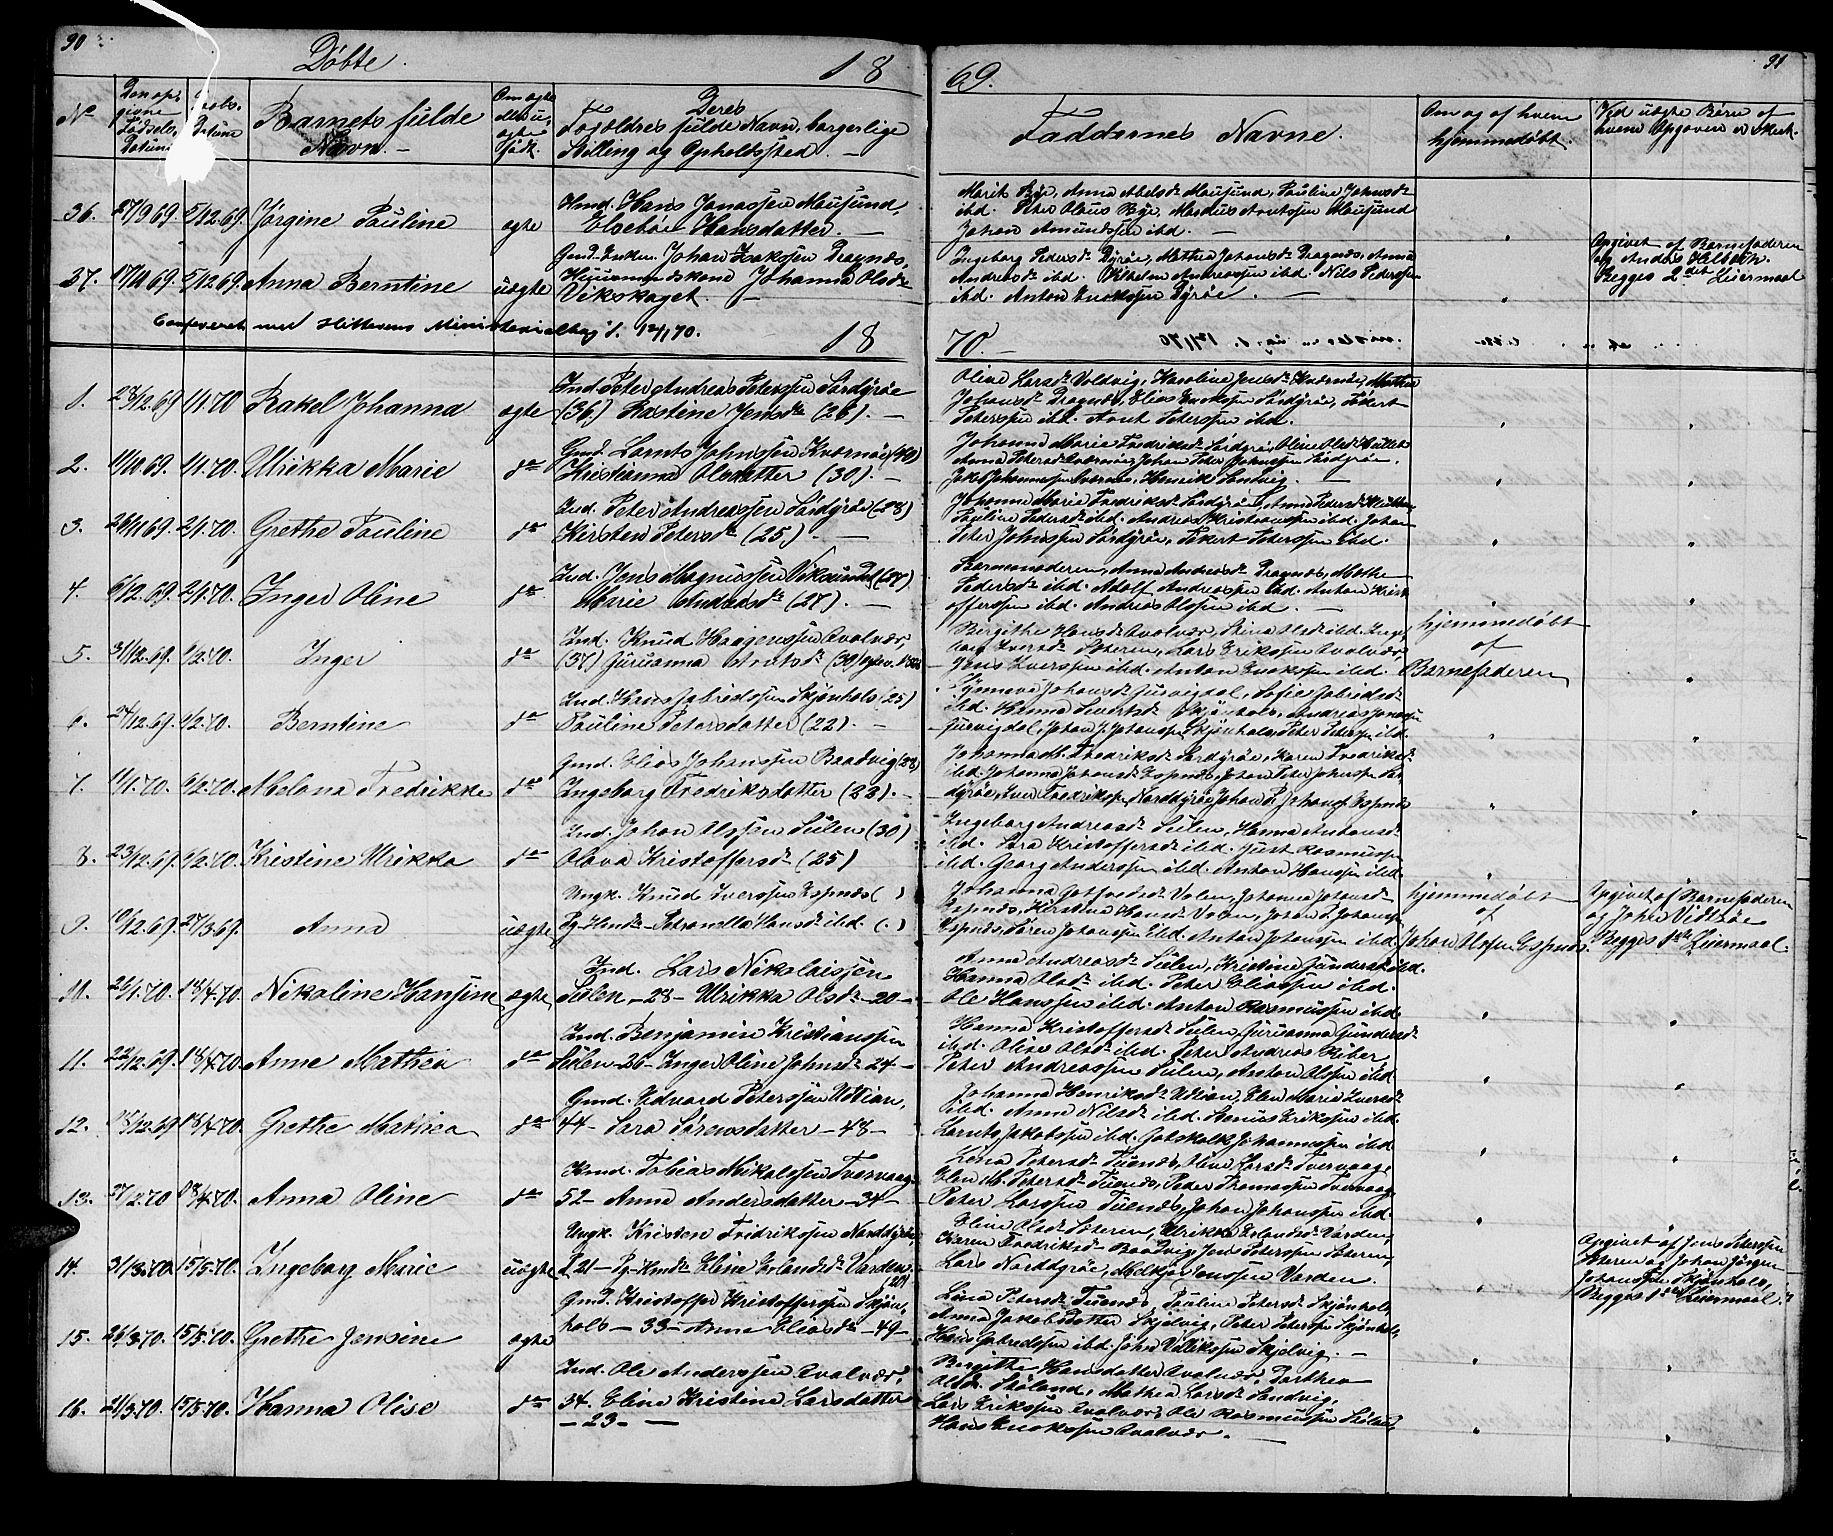 SAT, Ministerialprotokoller, klokkerbøker og fødselsregistre - Sør-Trøndelag, 640/L0583: Klokkerbok nr. 640C01, 1866-1877, s. 90-91